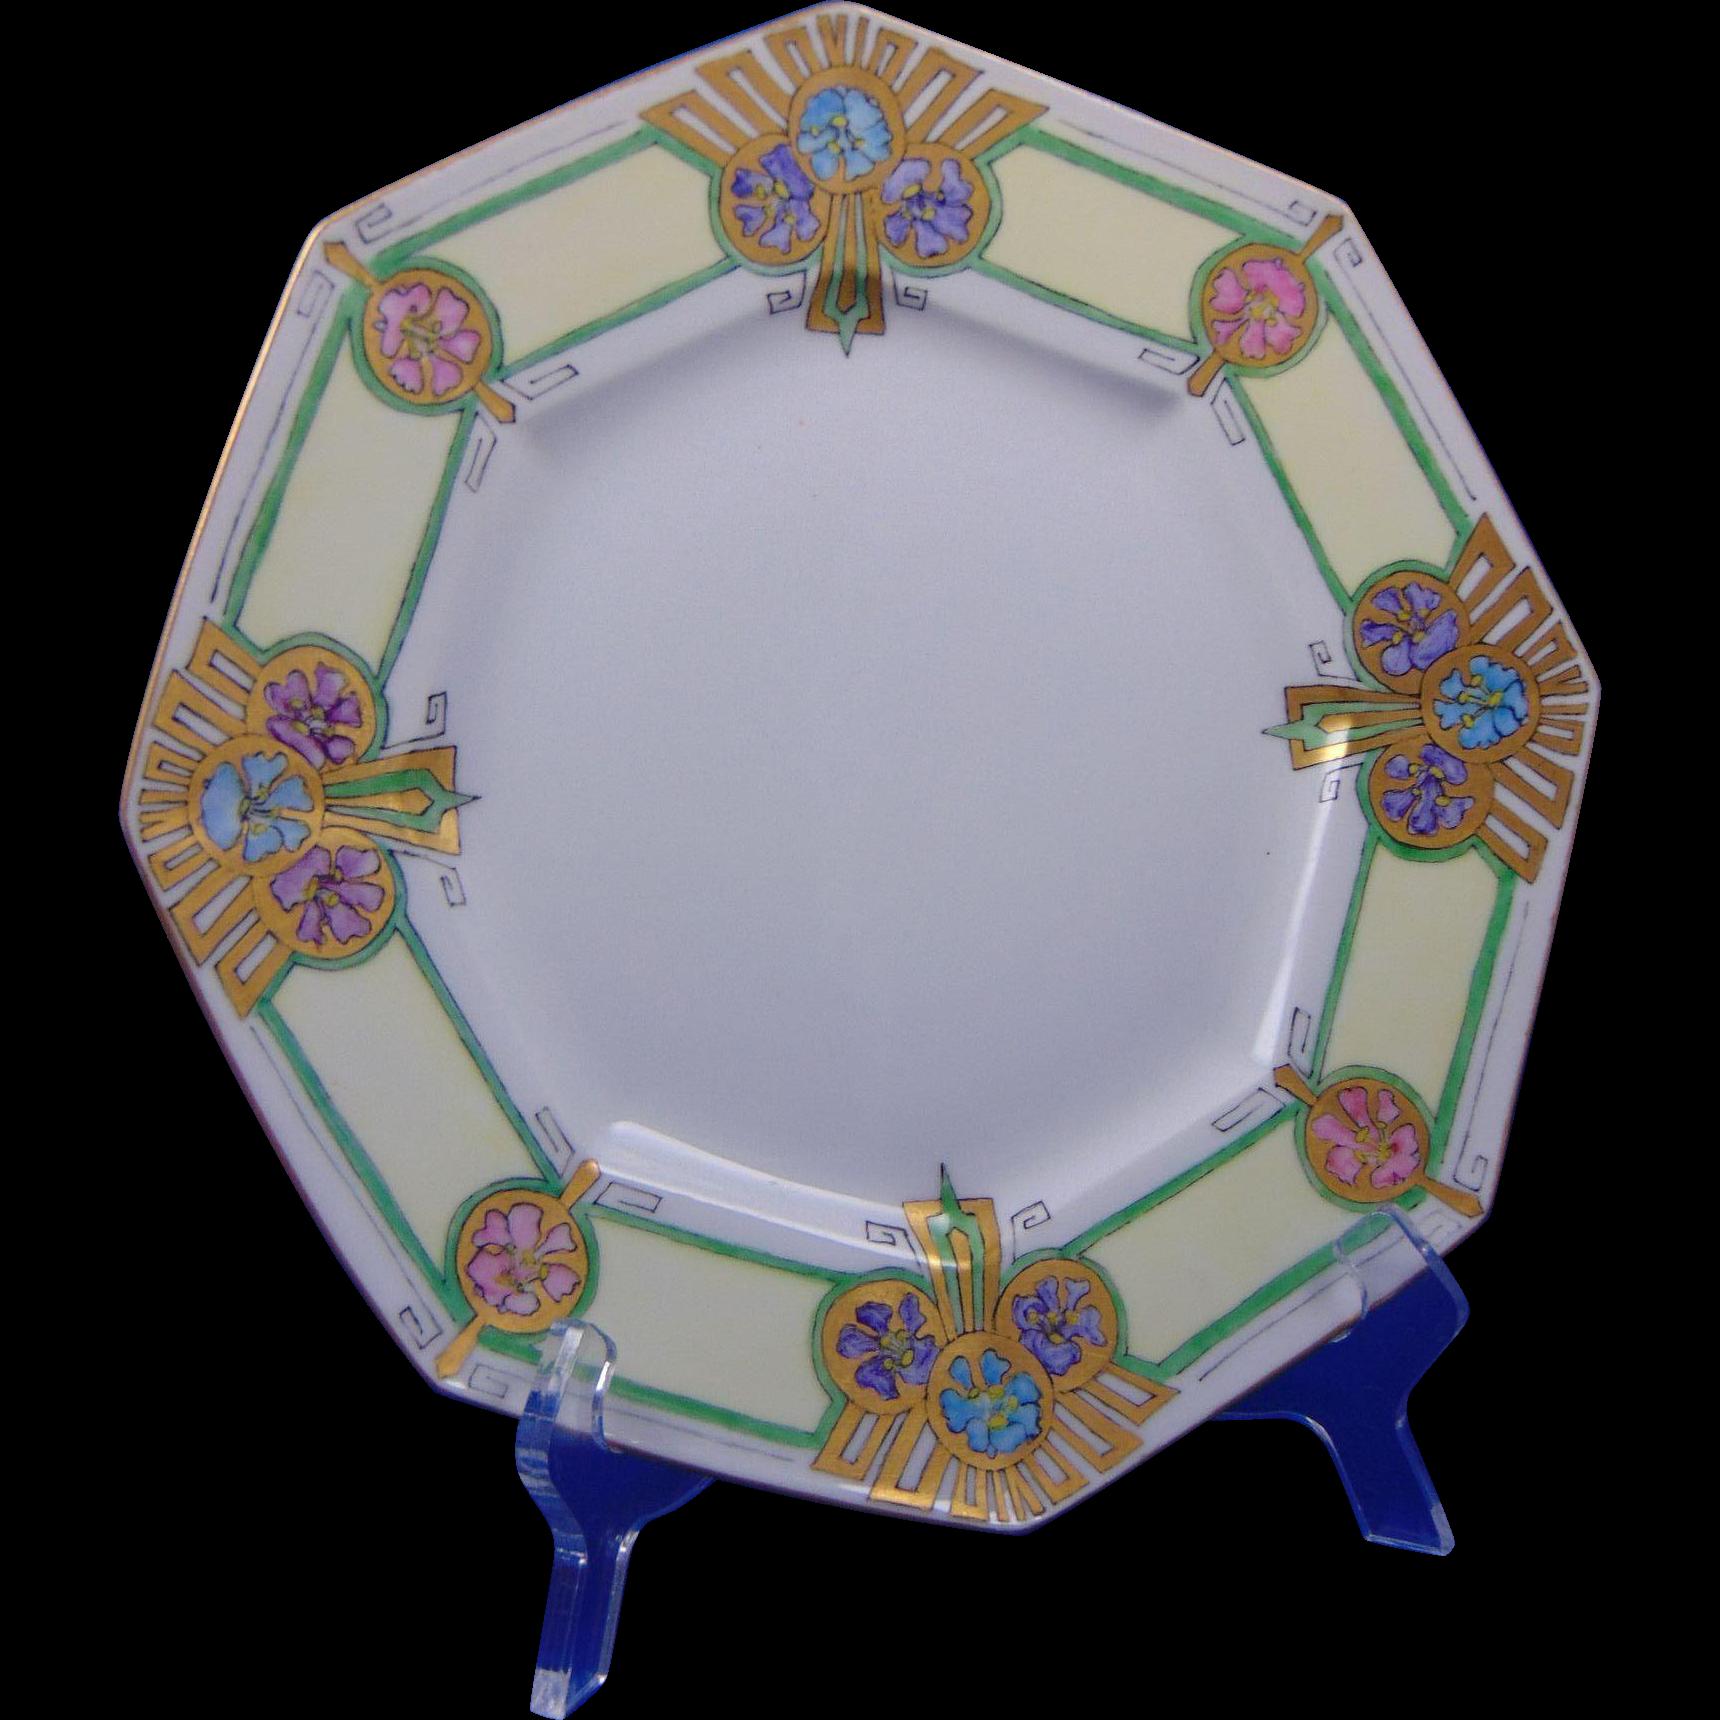 Tressemann & Vogt (T&V) Limoges Art Deco Floral Plate (Signed/c.1897-1907)